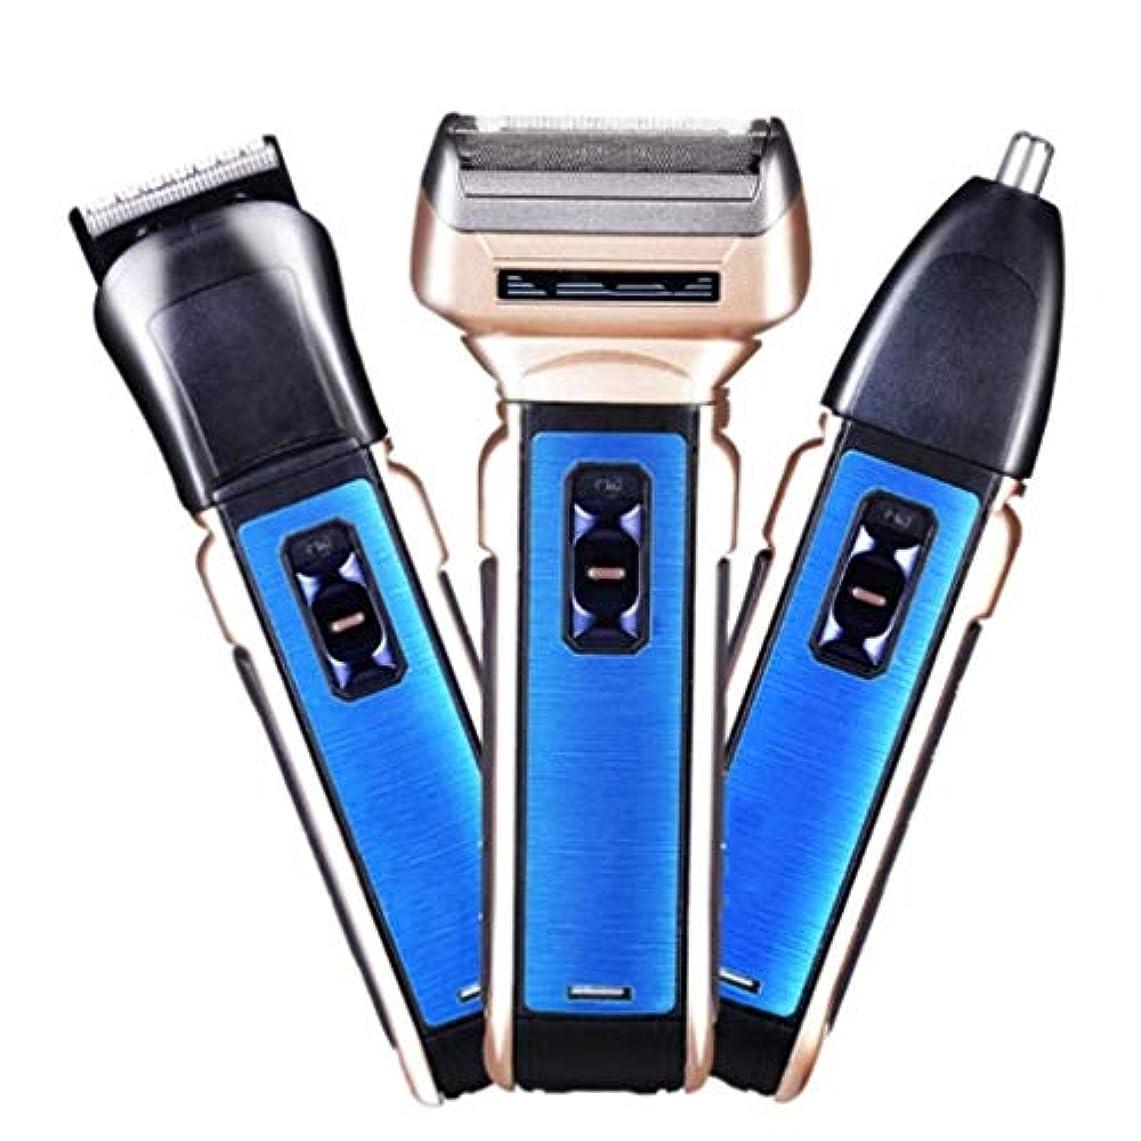 カップ半導体業界フェイシャルヘアー3-in-1鼻毛トリマーセットABS 360°往復充電取り外し可能なヘッドと洗えるデザイン電気かみそり